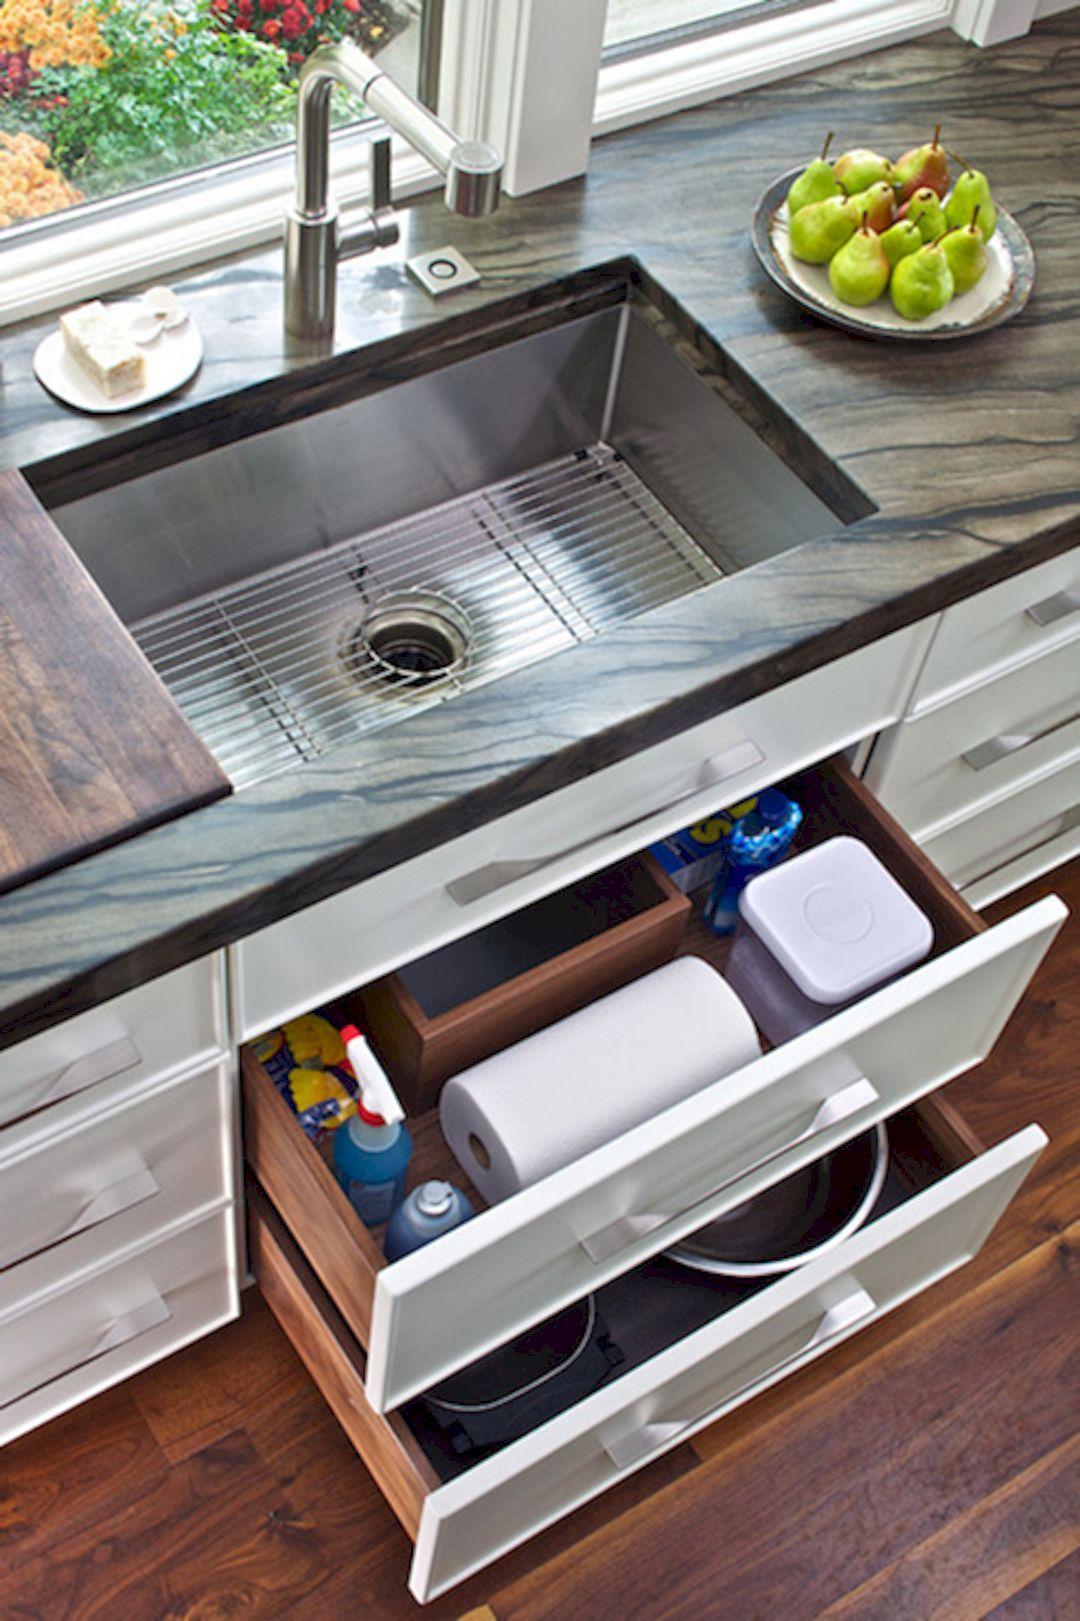 Merveilleux Stylish Modern Kitchen Cabinet: 127 Design Ideas  Https://www.futuristarchitecture.com/20591 Modern Kitchen Cabinet.html